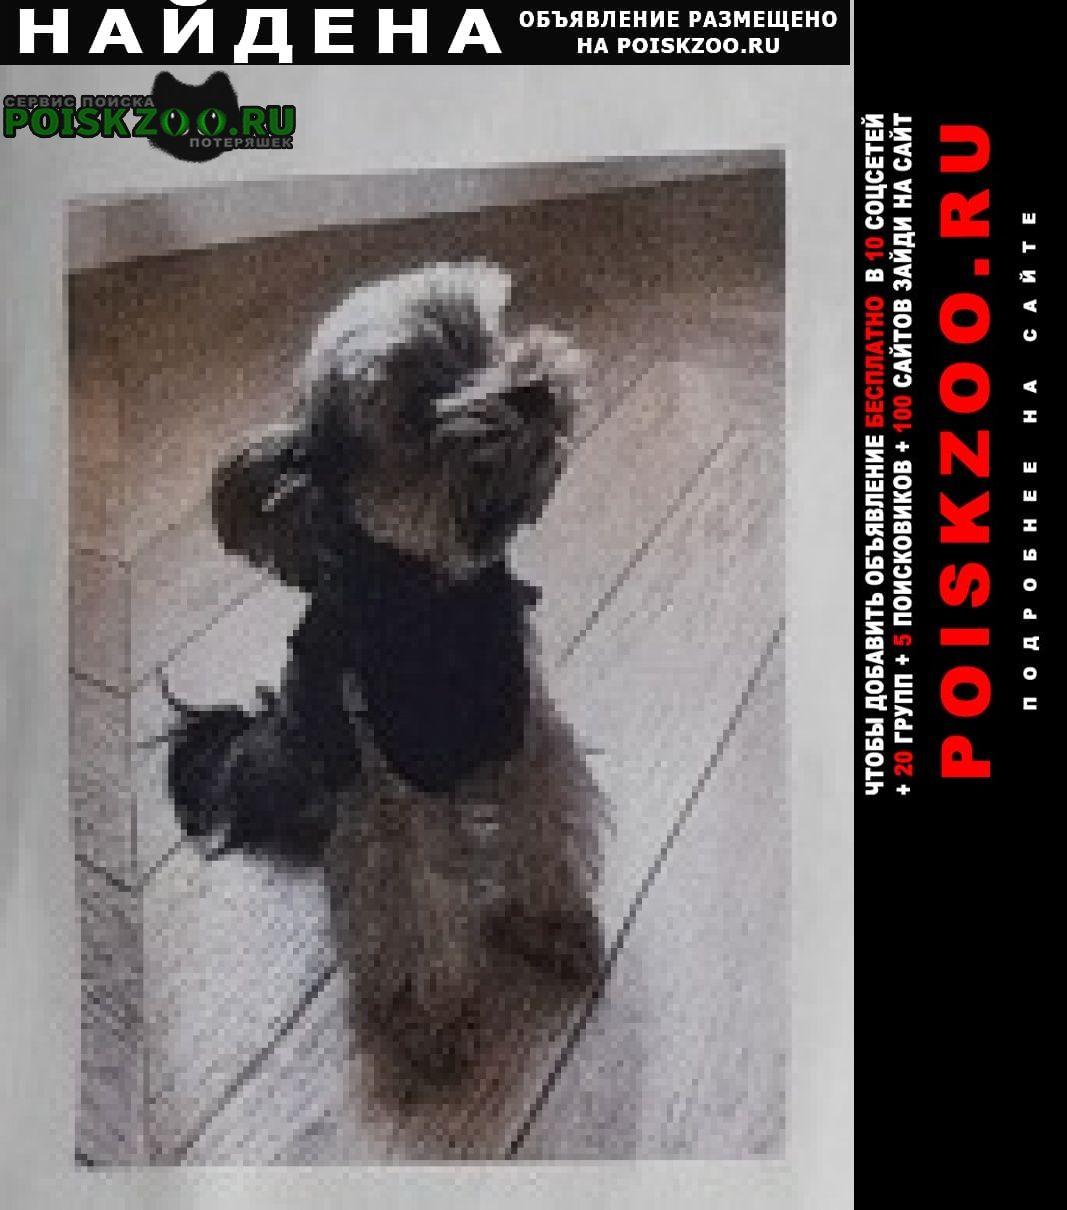 Найдена собака маленькая собачка, возможно чихуахуа Москва